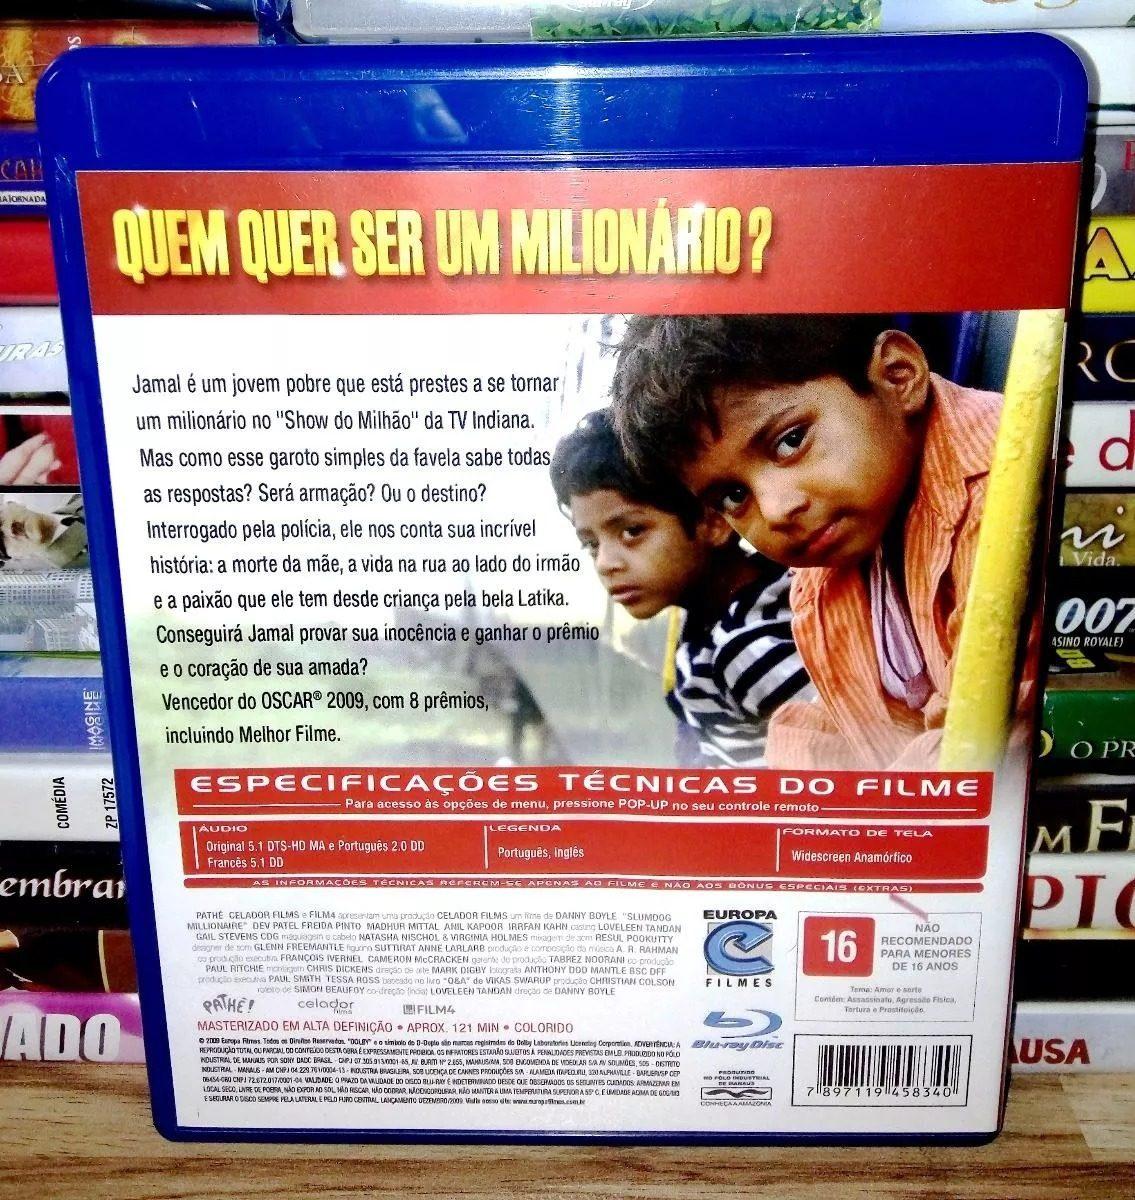 BAIXAR MILIONARIO DUBLADO QUER SER QUEM UM